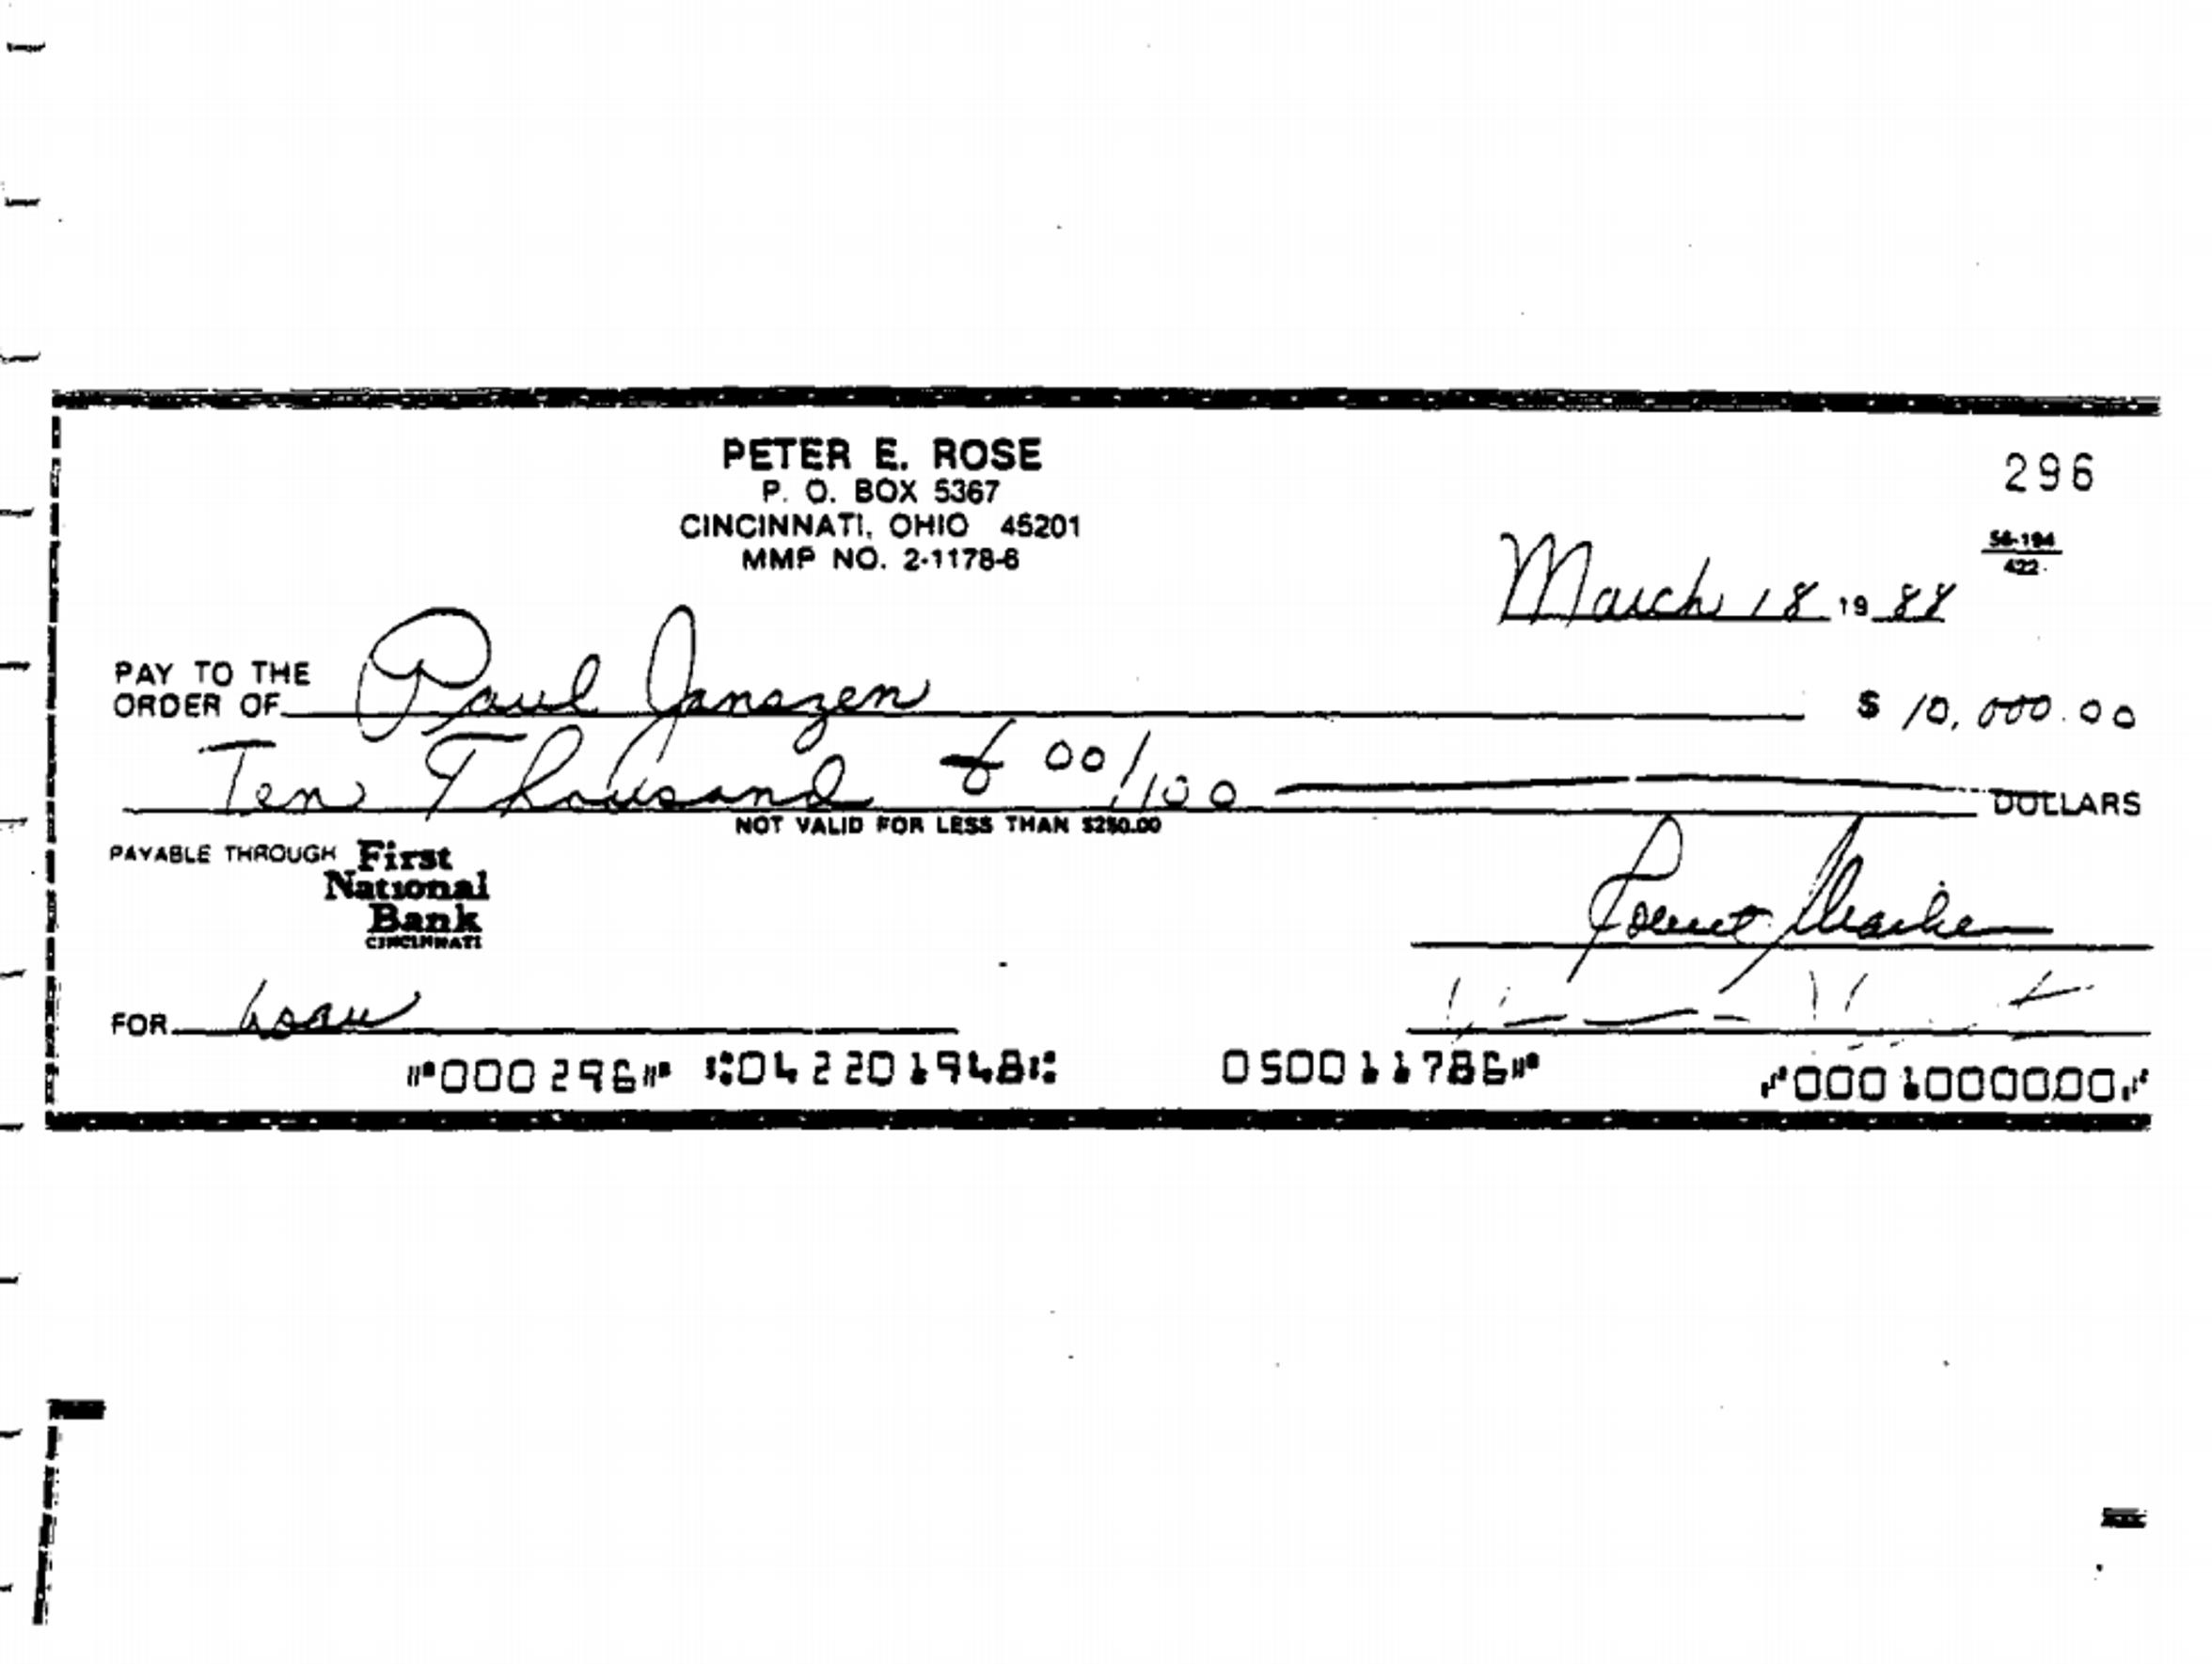 The $10,000 written to Paul Janszen.